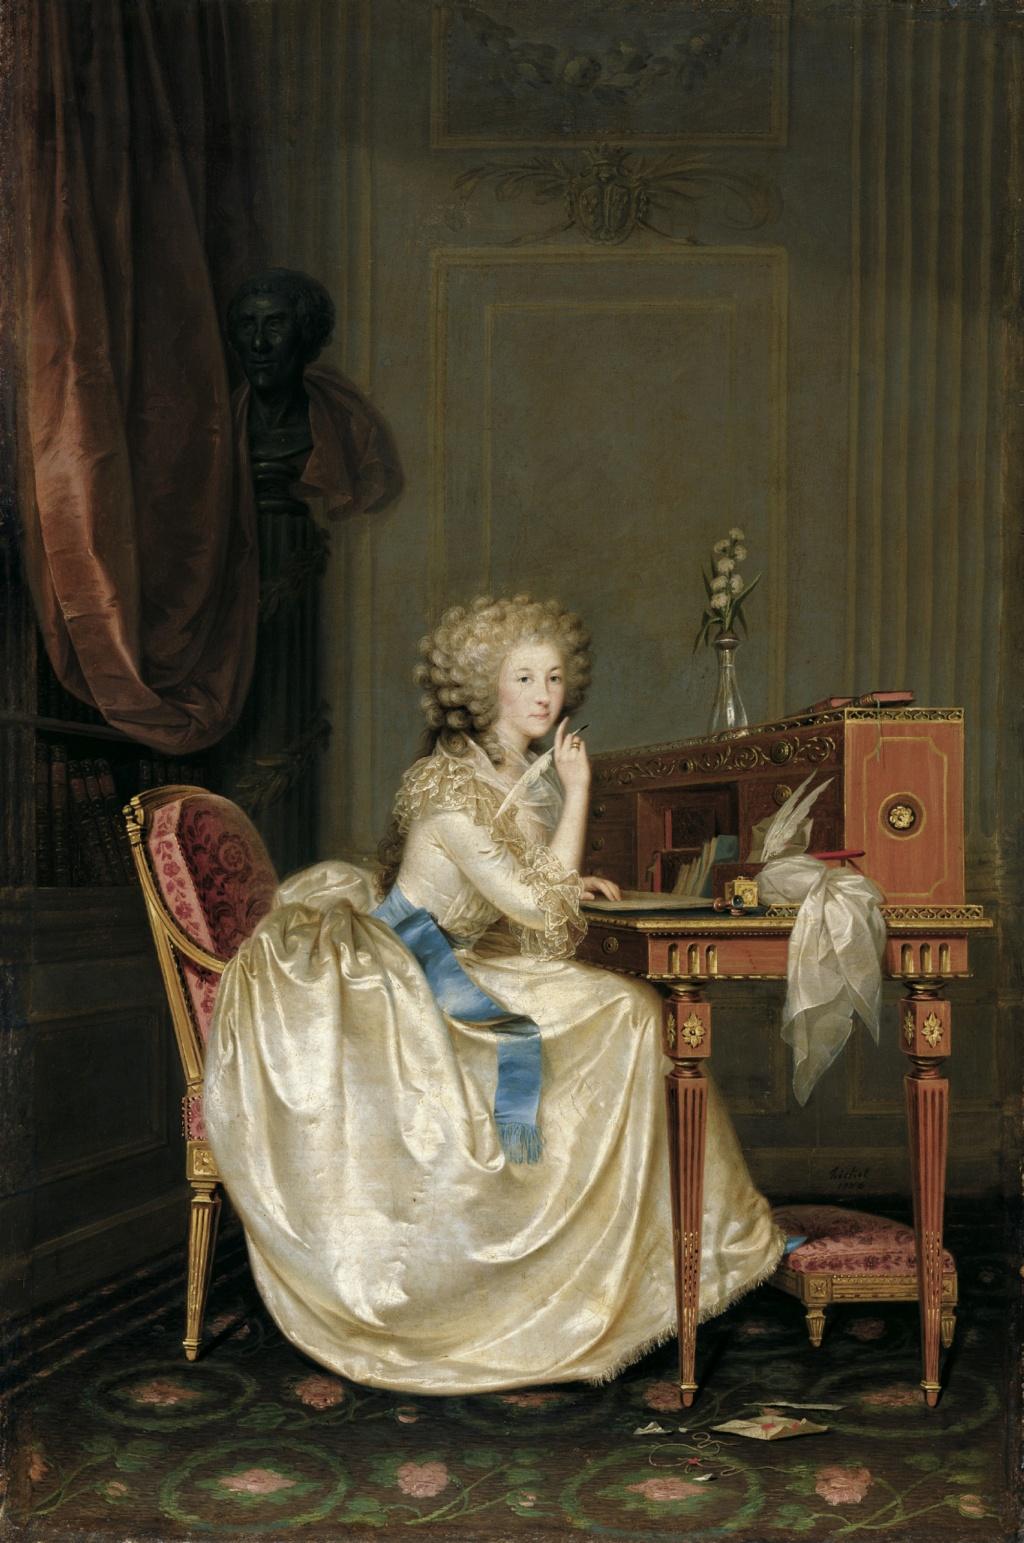 Le mécénat et les collections d'art et arts décoratifs de la princesse de Lamballe 1788_p10